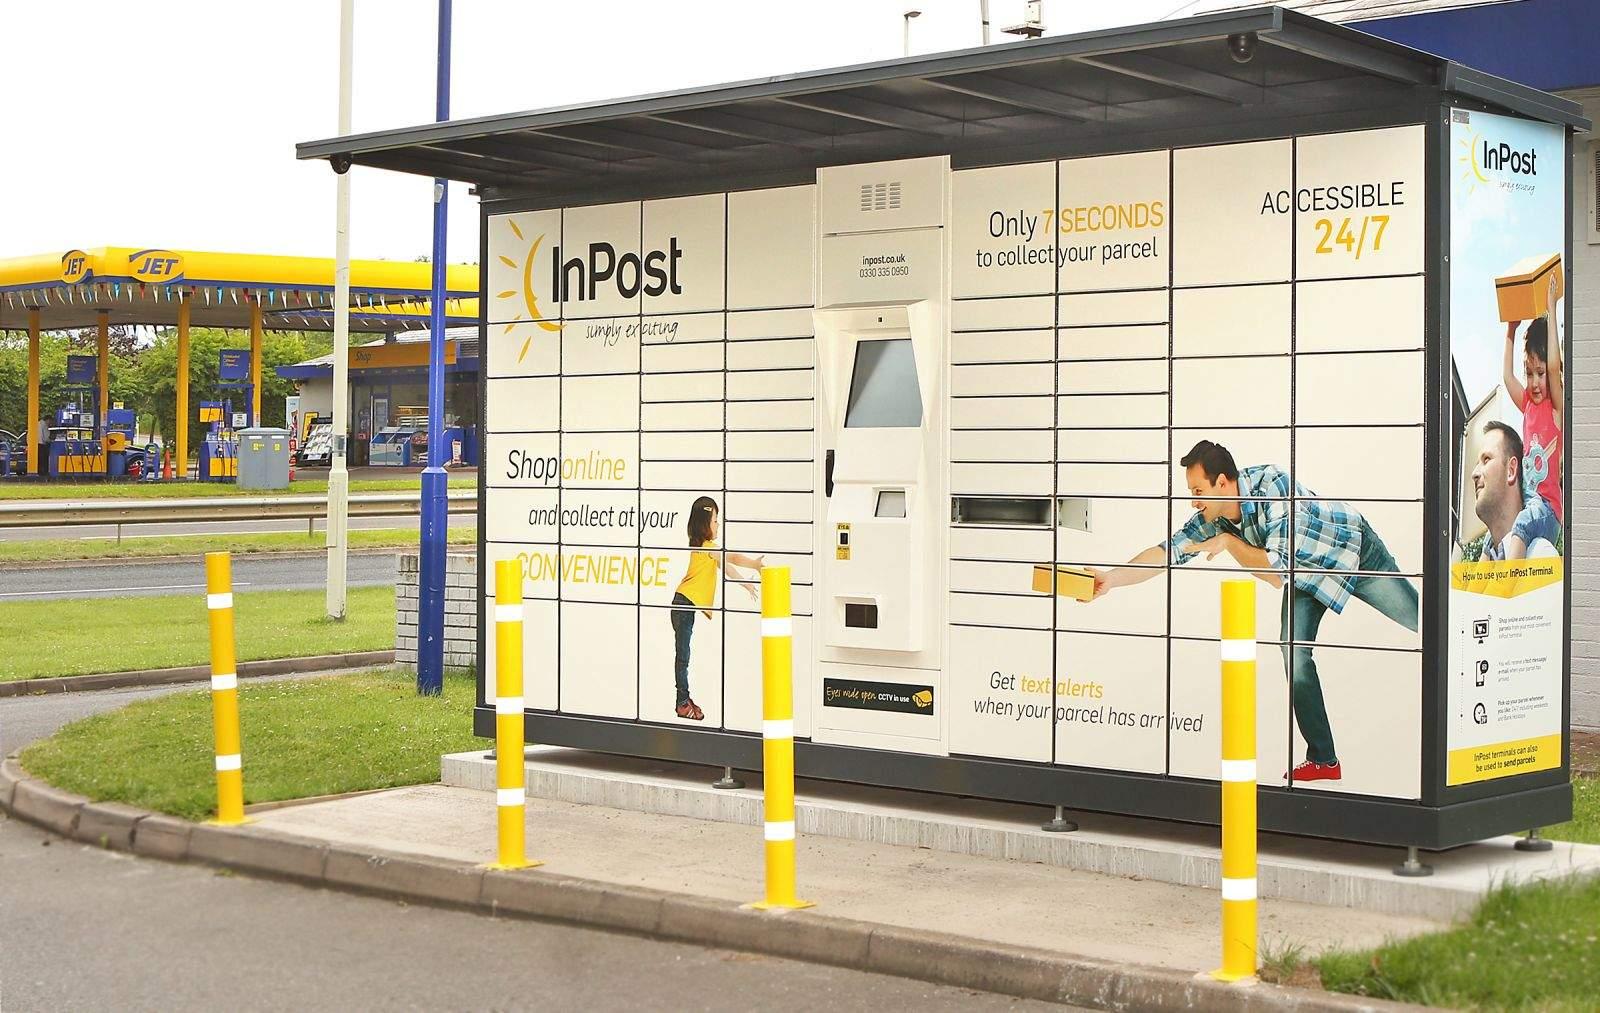 24 × 7 全天候貨品交收 智能儲物櫃勢將改寫速遞網購行業 - UNWIRE.PRO